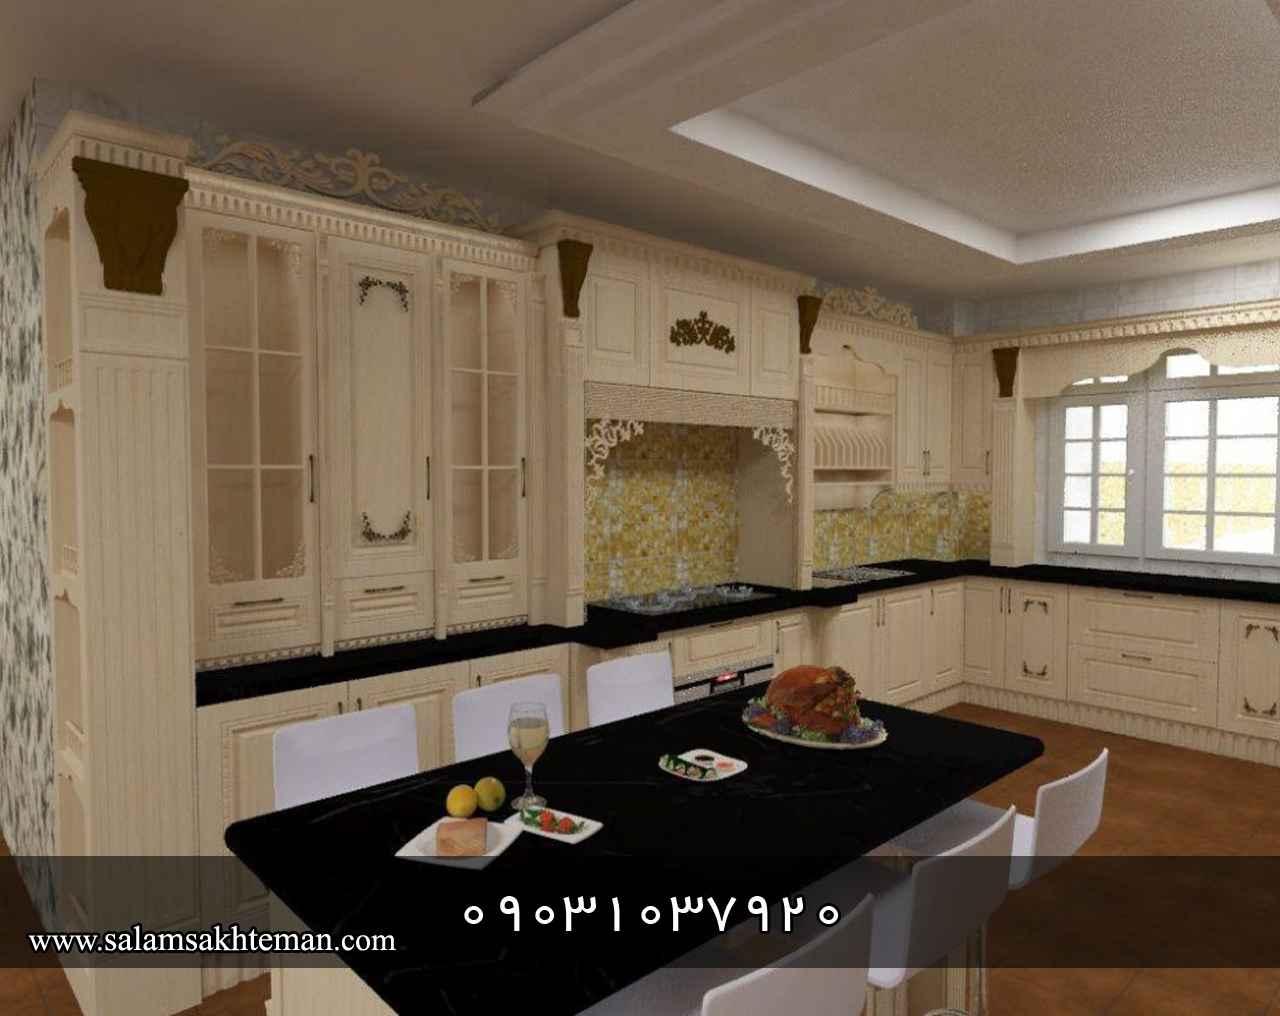 کابینت آشپزخانه - انواع مدل، قیمت و عکس کابینت